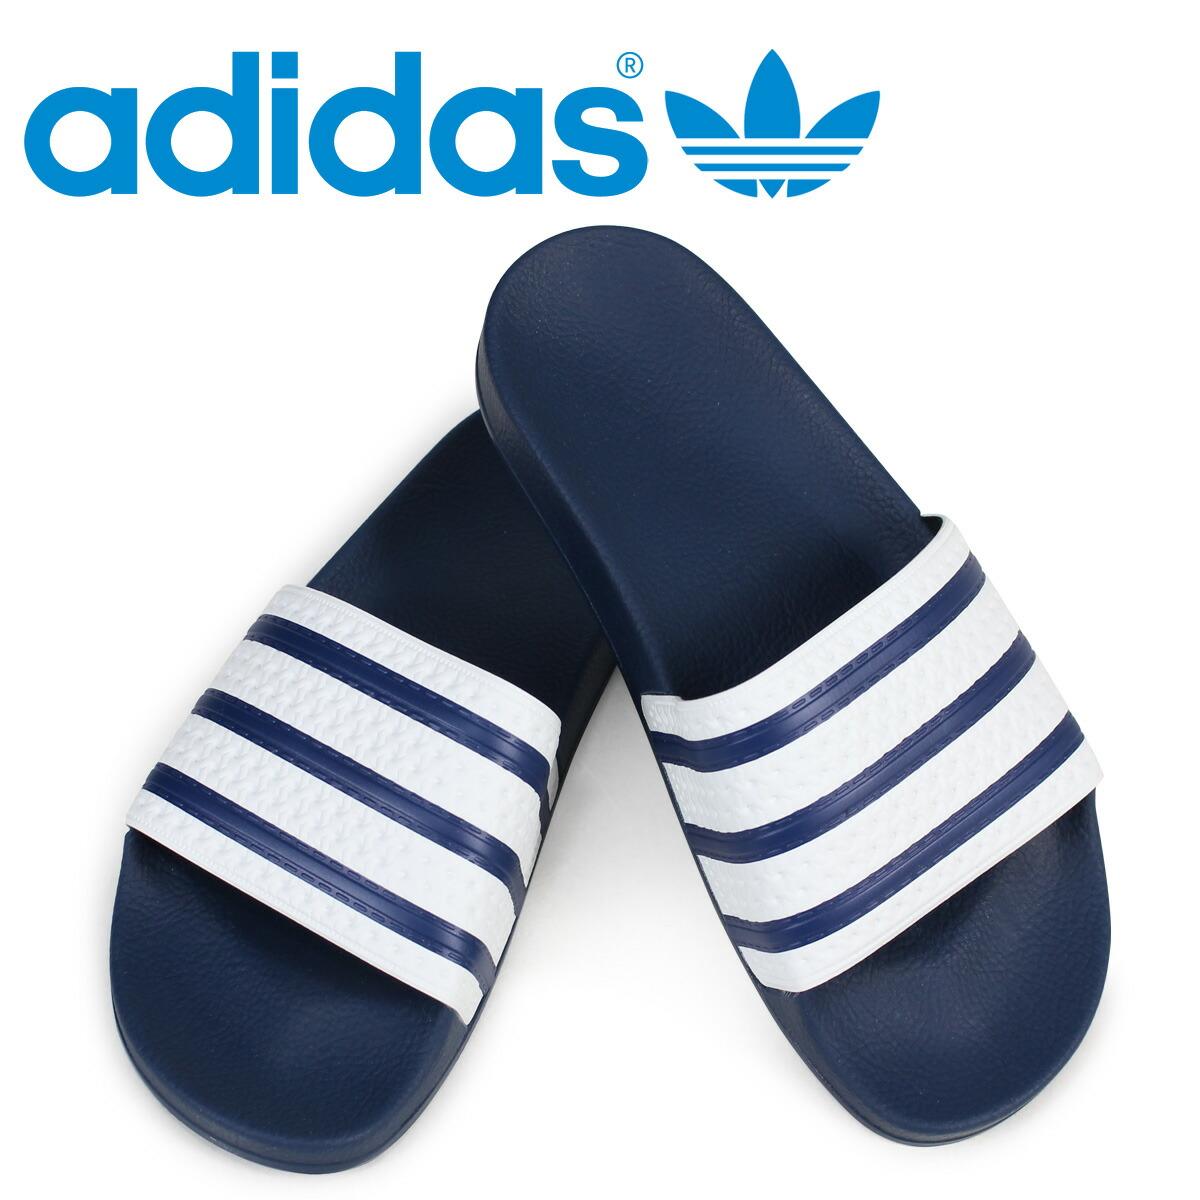 アディダス アディレッタ adidas Originals サンダル シャワーサンダル ADILETTE メンズ G16220 ブルー オリジナルス [2/6 追加入荷]